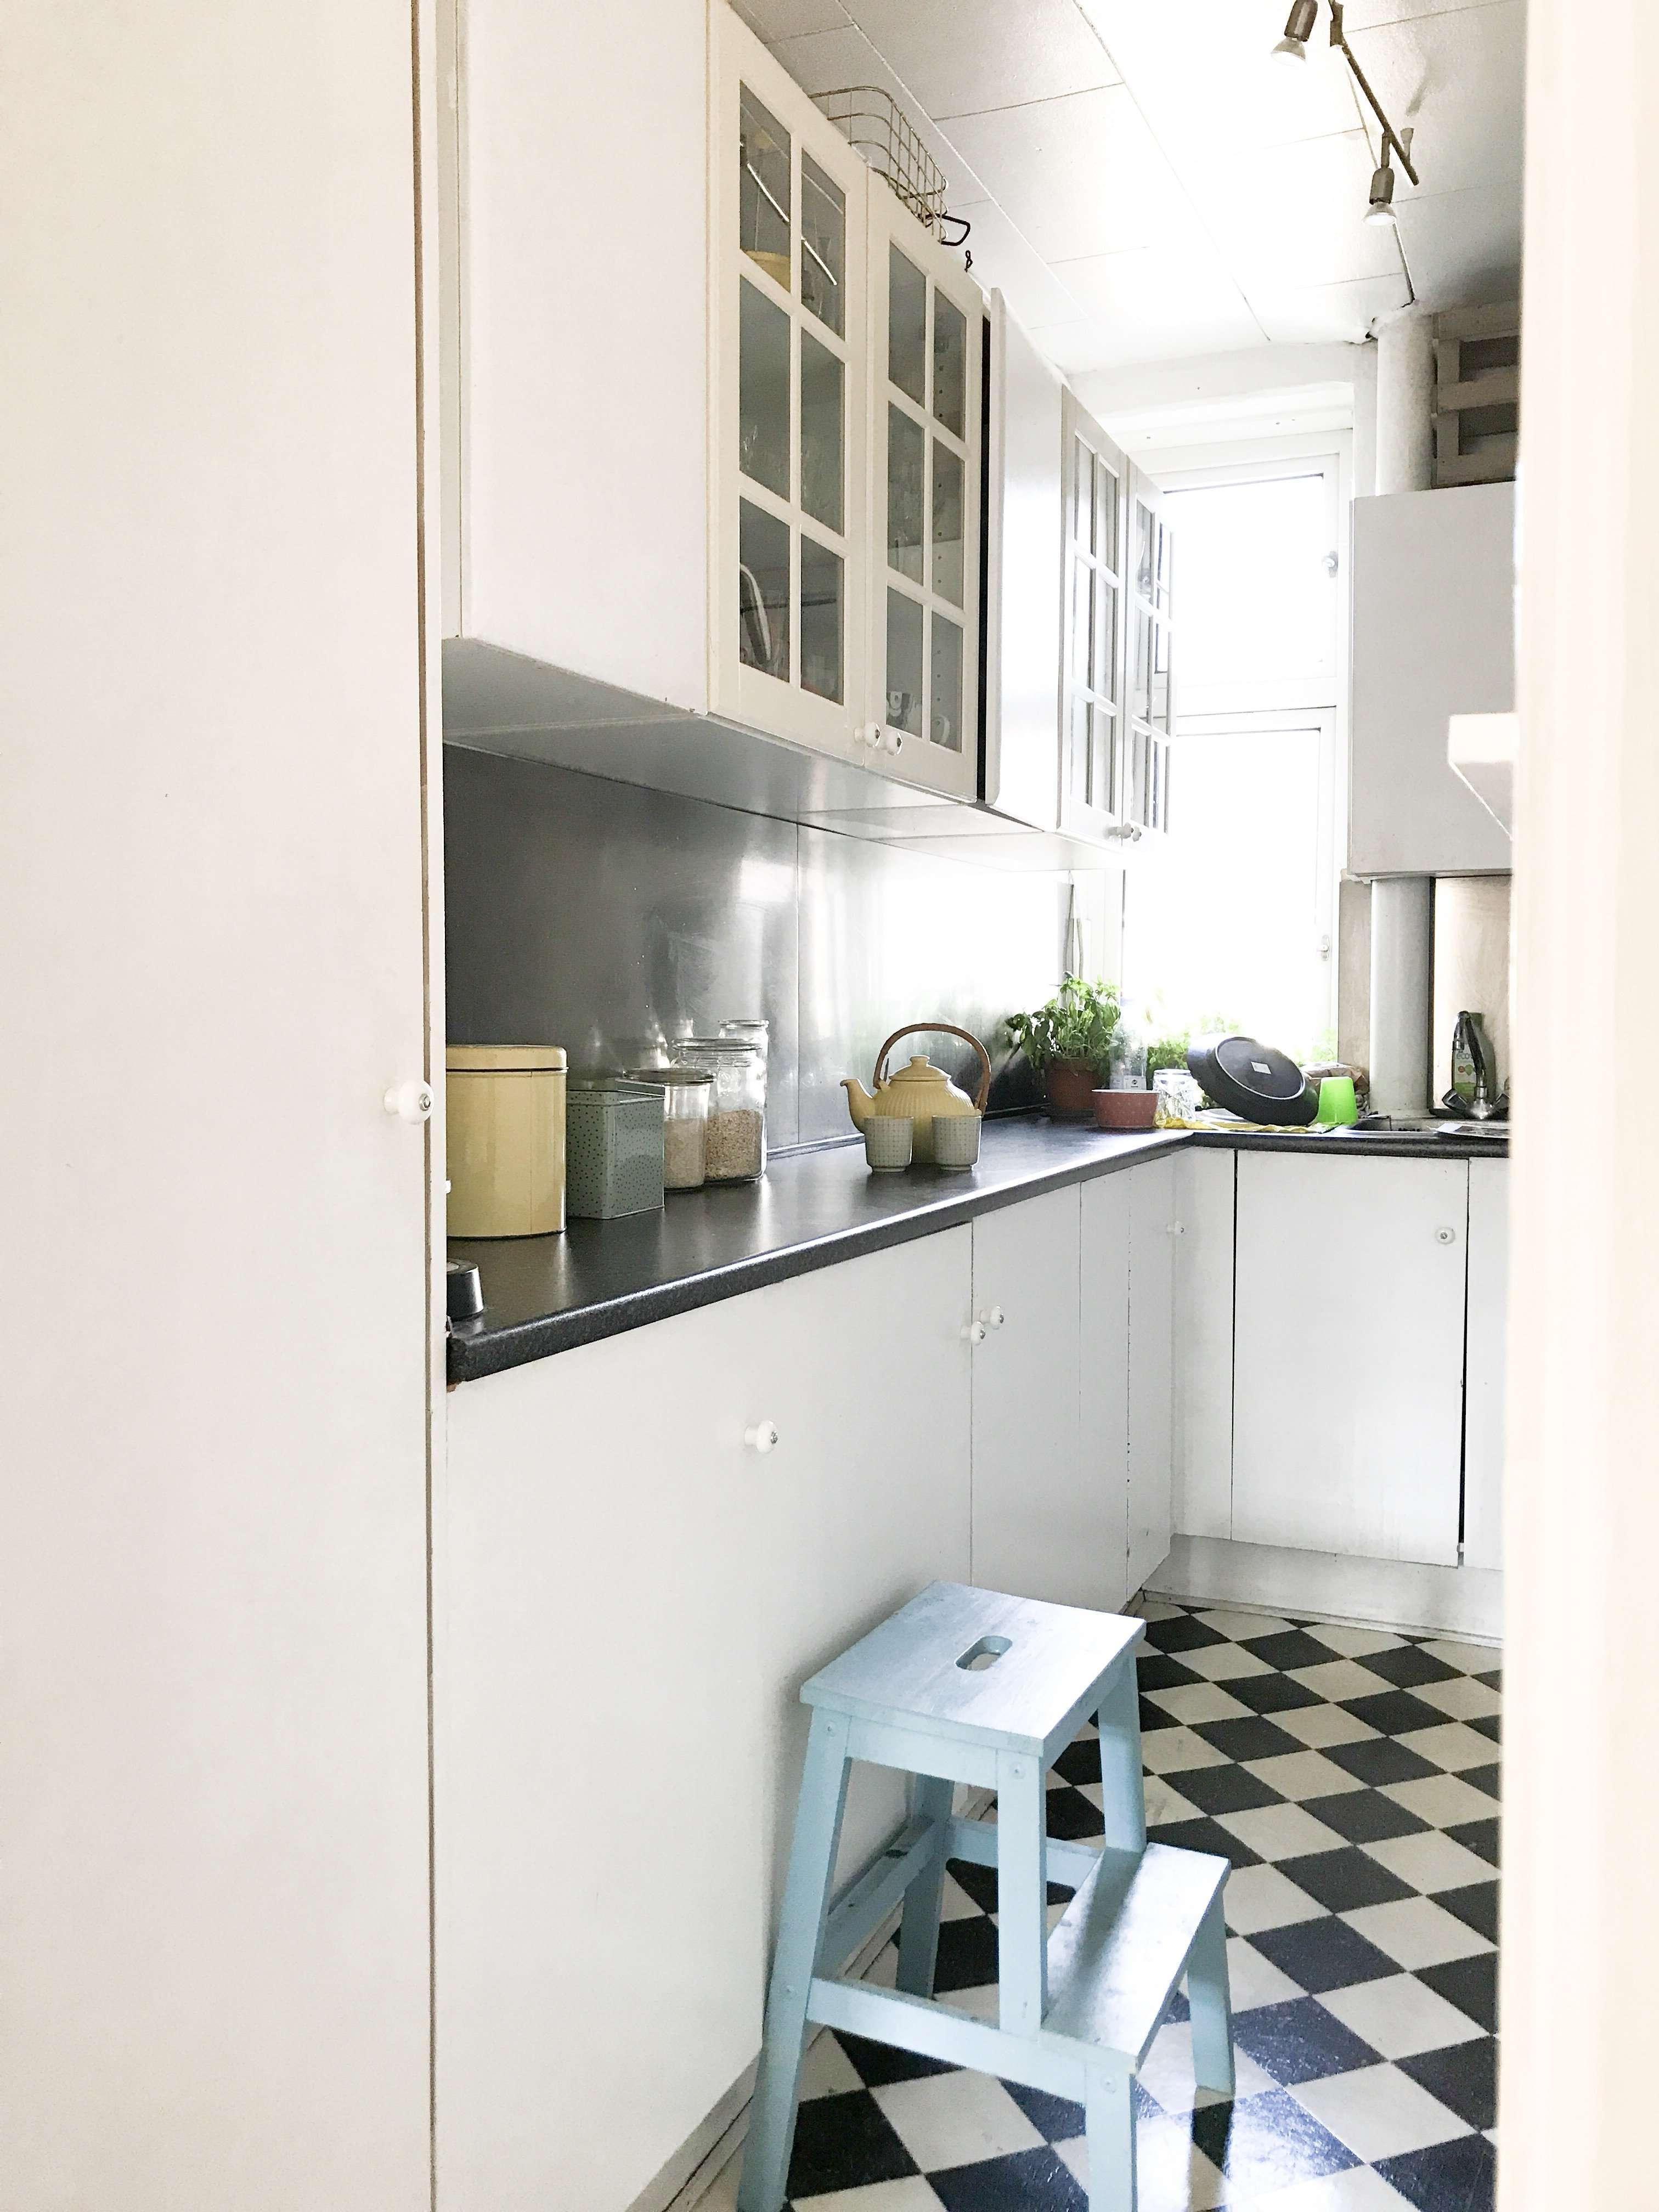 Viaje A Copenhague Parte I Estoreta Family Craft Deco